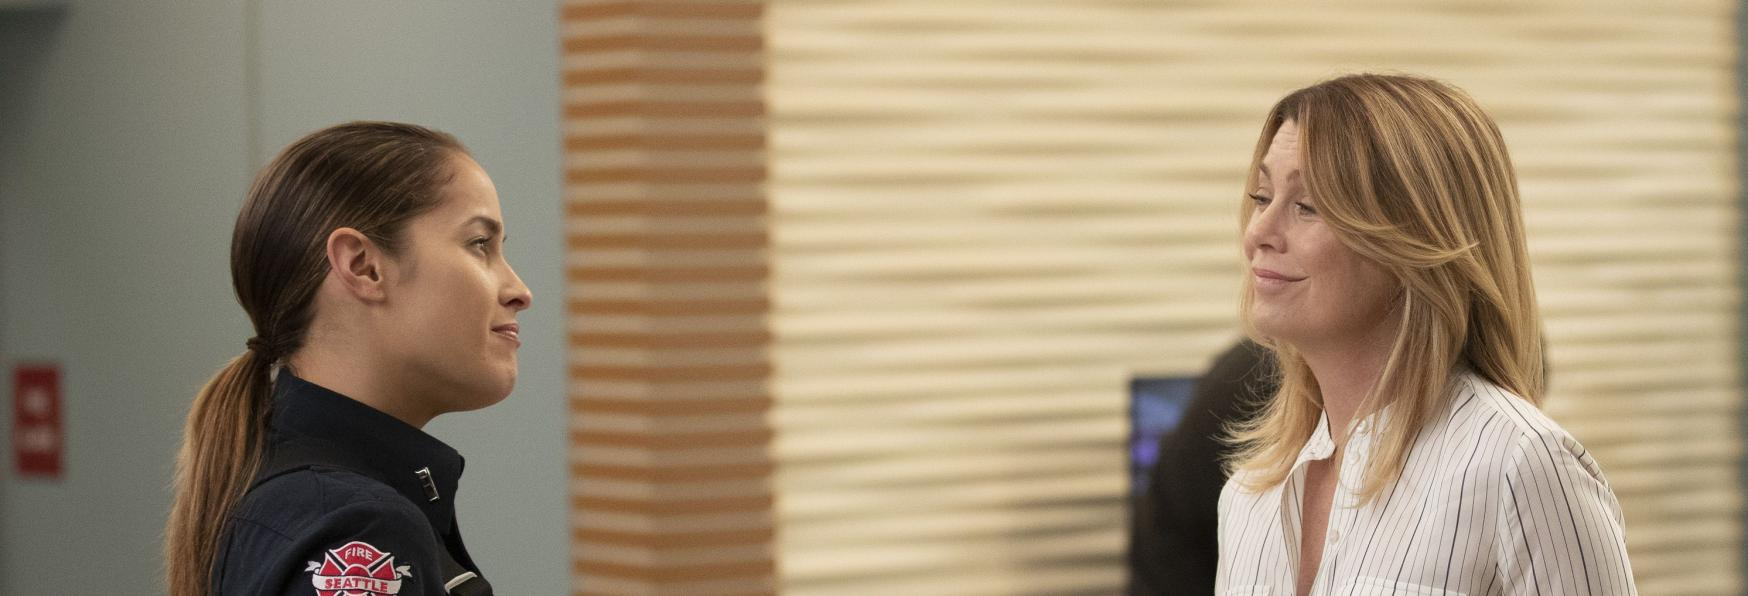 Grey's Anatomy 18 ci sarà! Rinnovata la Serie TV ABC insieme allo Spin-Off Station 19